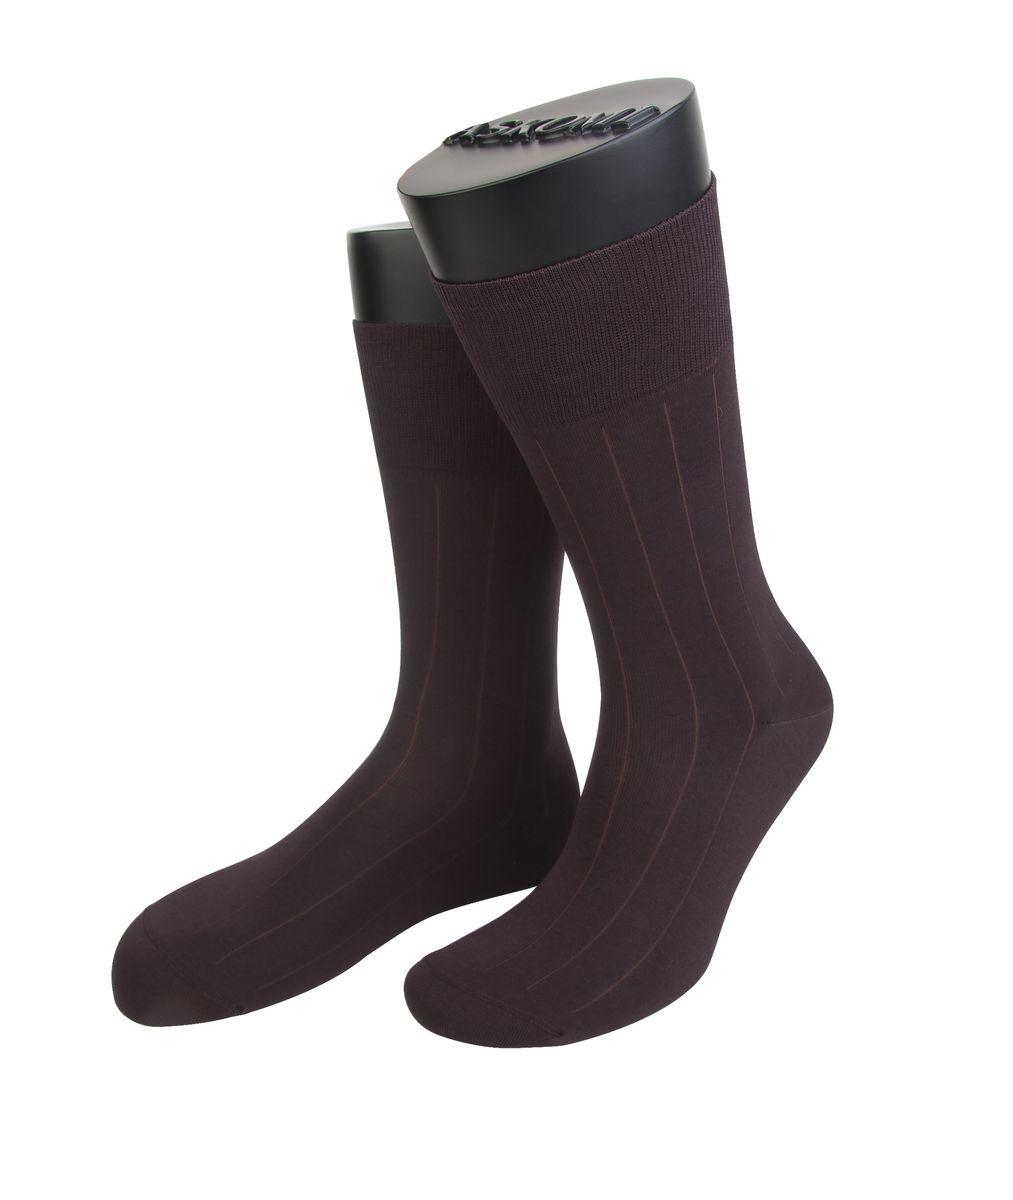 Носки мужские Askomi Classic, цвет: коричневый. АМ-7119_2201. Размер 25 (39-40)АМ-7119_2201Мужские носки Askomi для повседневной носки выполнены из мерсеризованного хлопка с добавлением полиамида. Такой хлопок придает блеск, эластичность и ощущение шелковистости.Носок и пятка укреплены, что значительно увеличивает износостойкость носков. Двойной борт для плотной фиксации не пережимает сосуды. Кеттельный шов не ощутим для ноги.